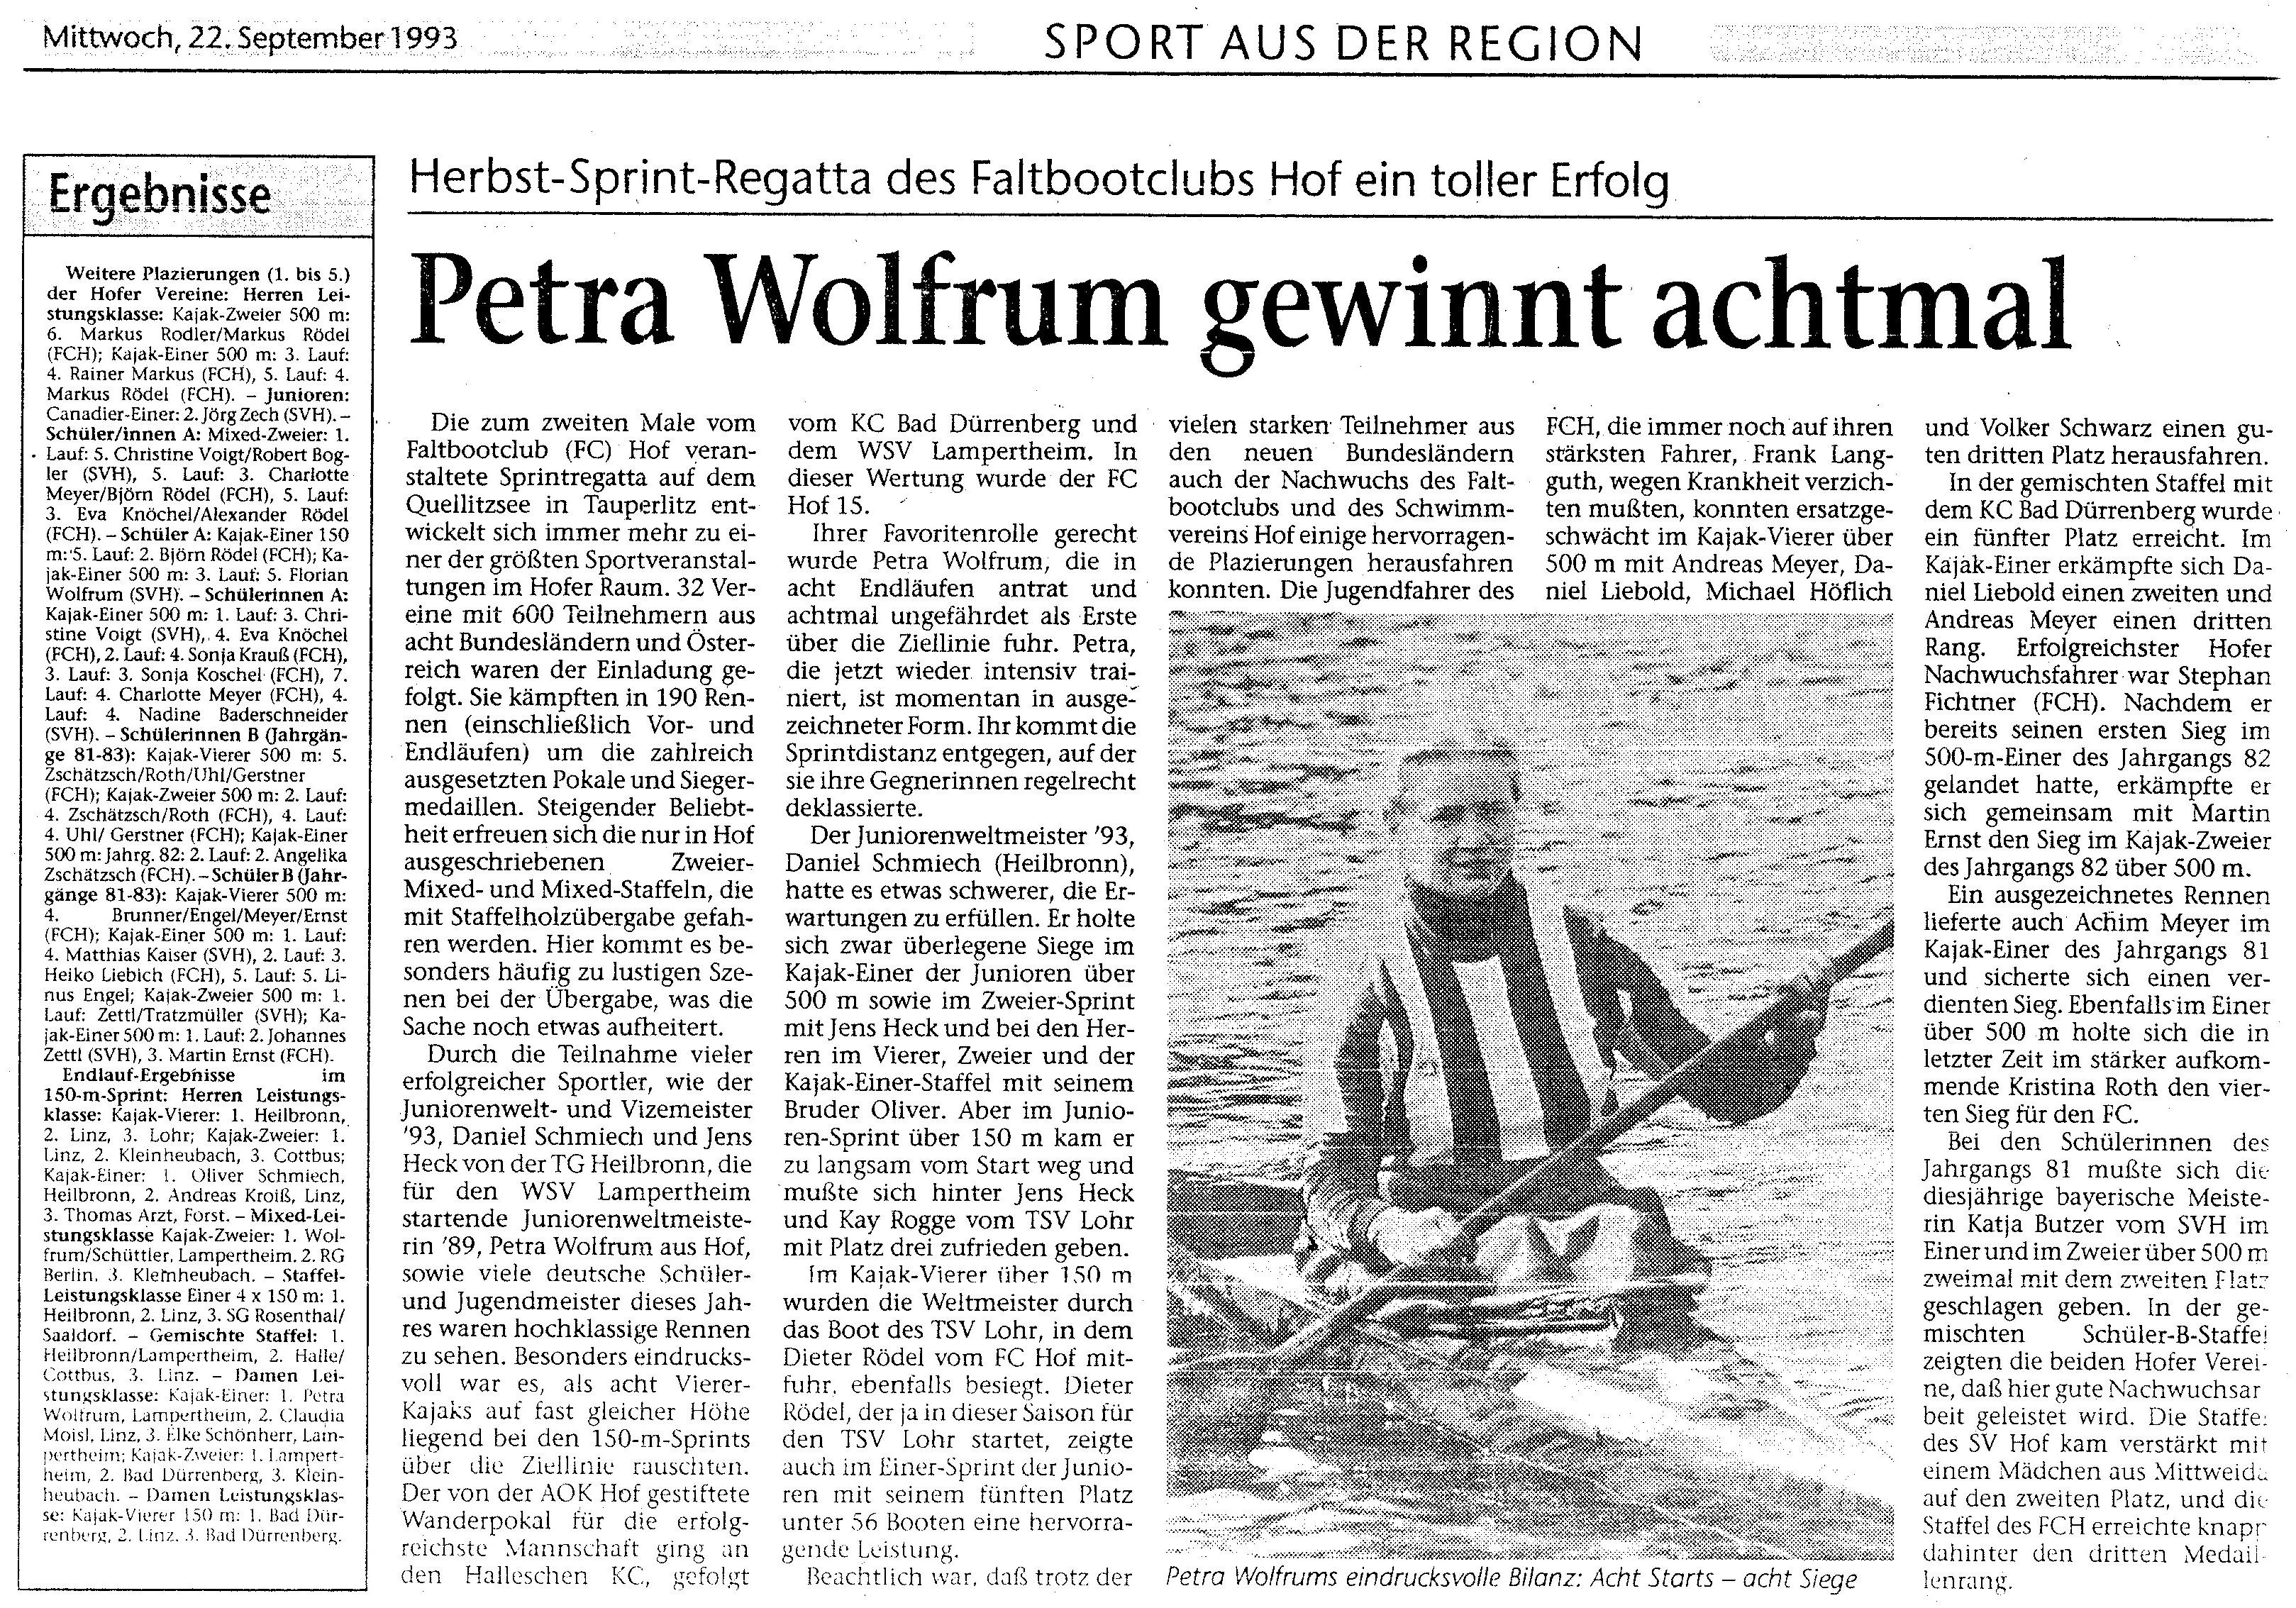 1993-09-22 Herbst Sprintregatta des FC Hof ein toller Erfolg